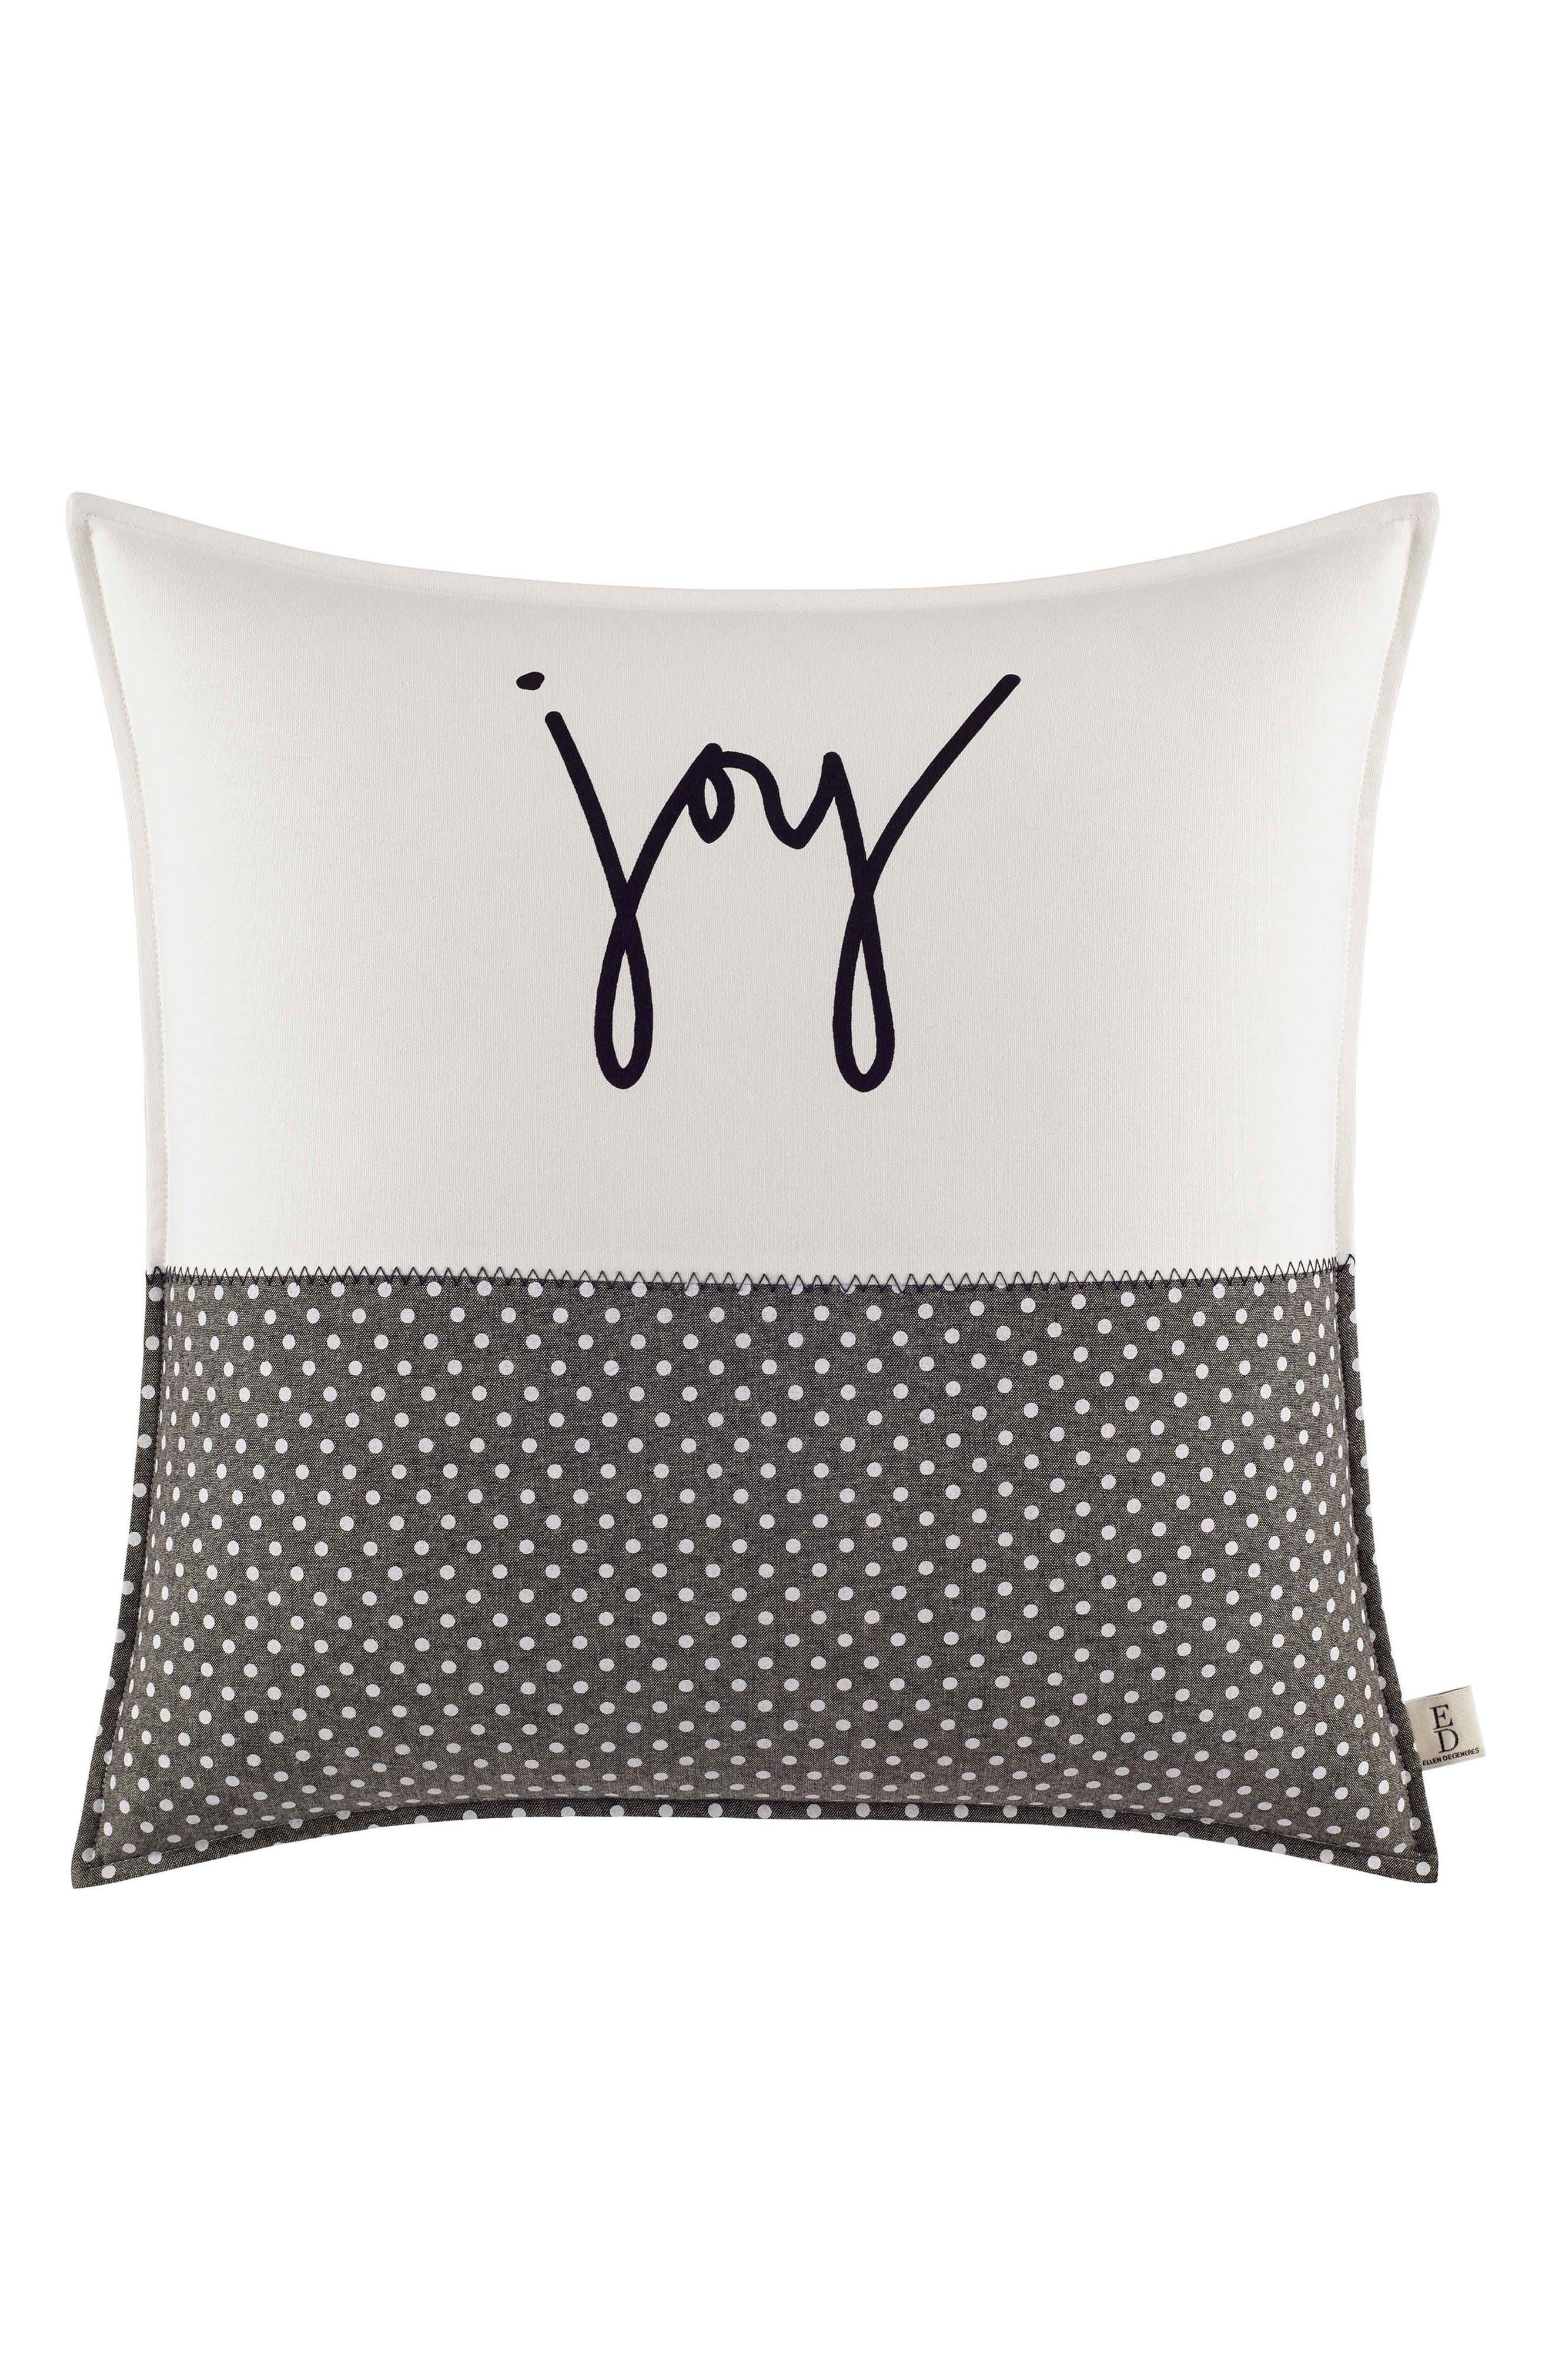 Joy Pillow,                         Main,                         color, Natural